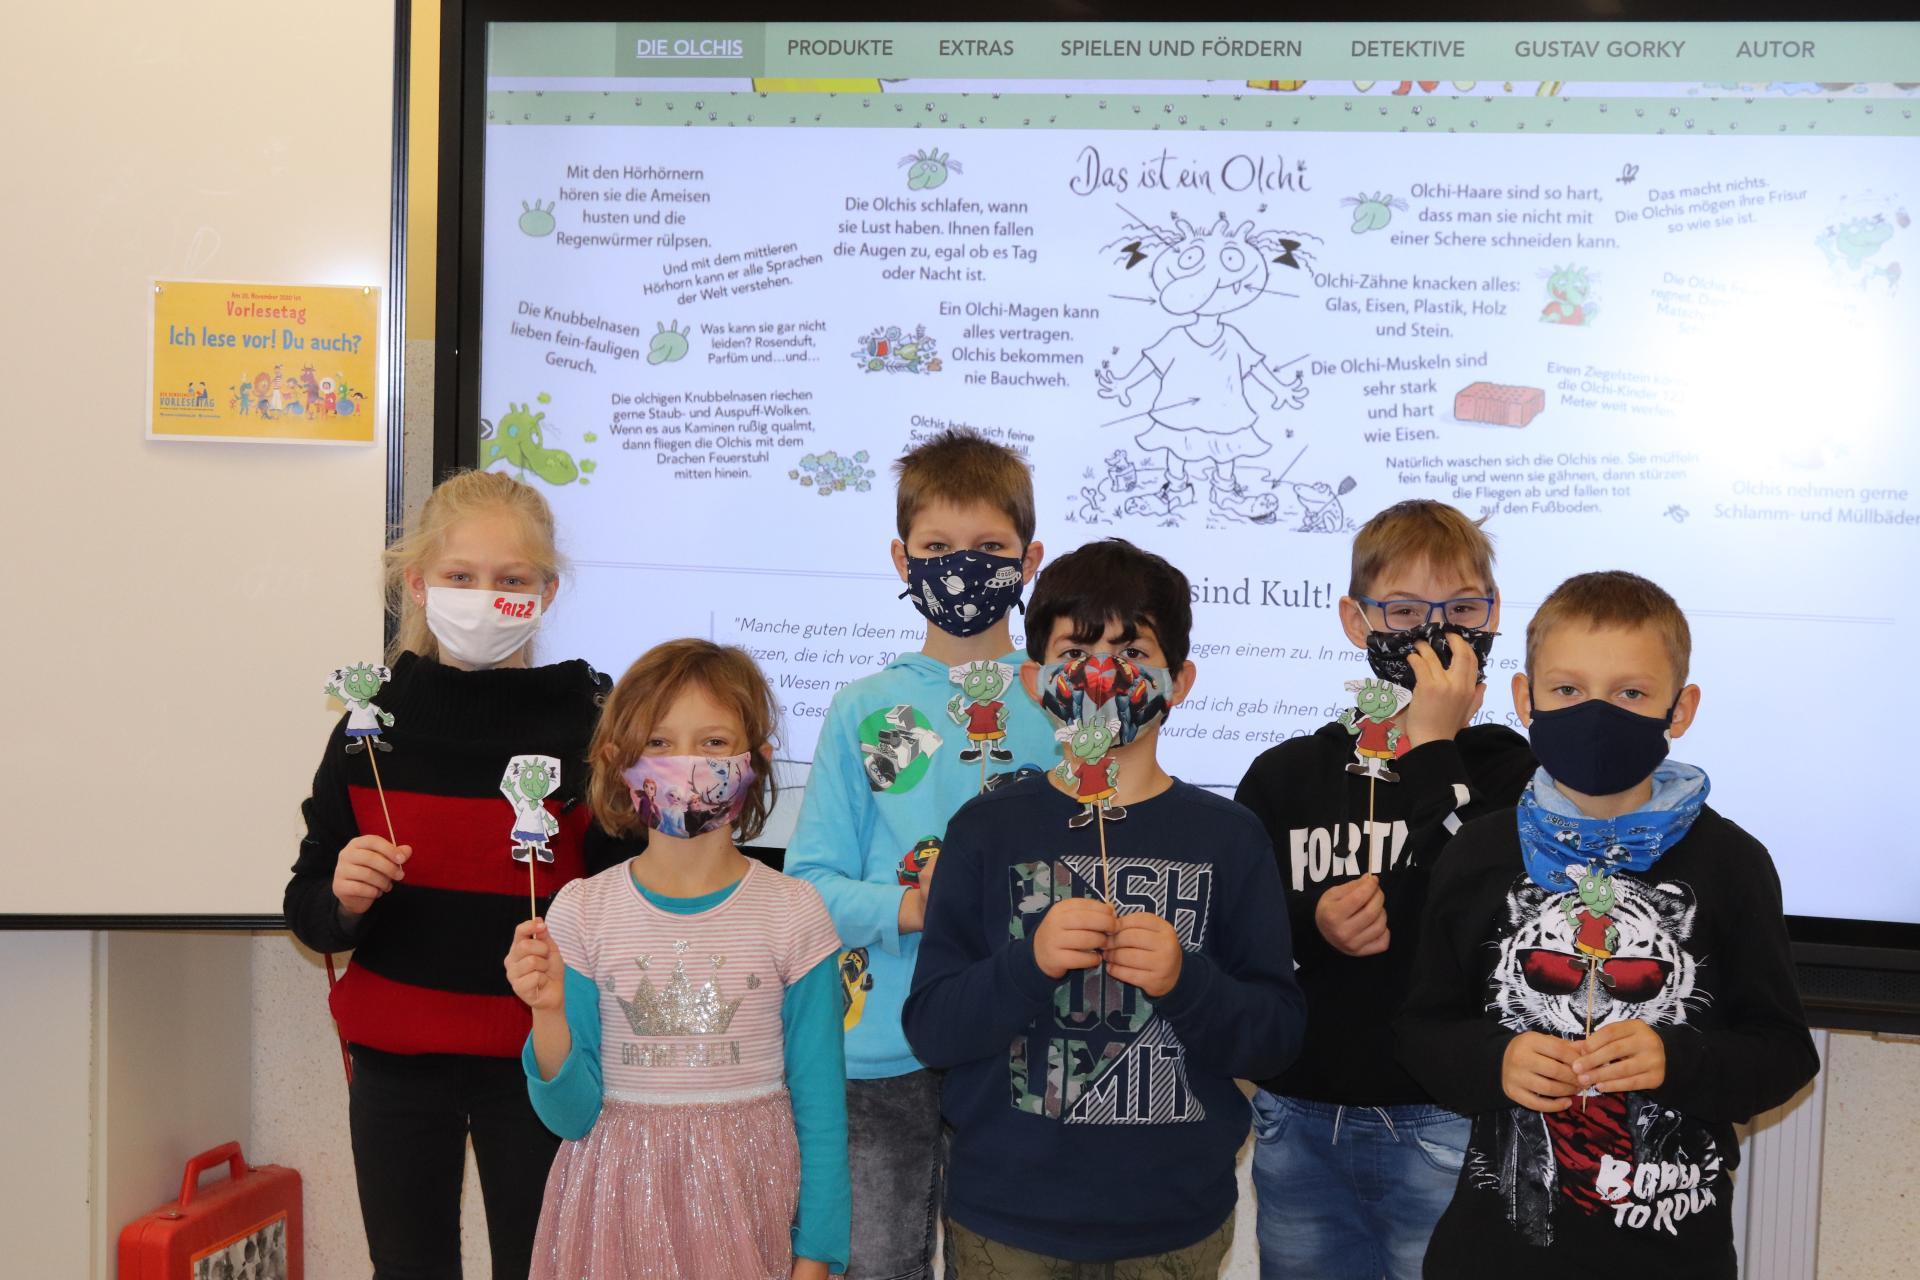 SchülerInnen der Sprachklasse 2c mit dem Olchi-Vorleseprojekt